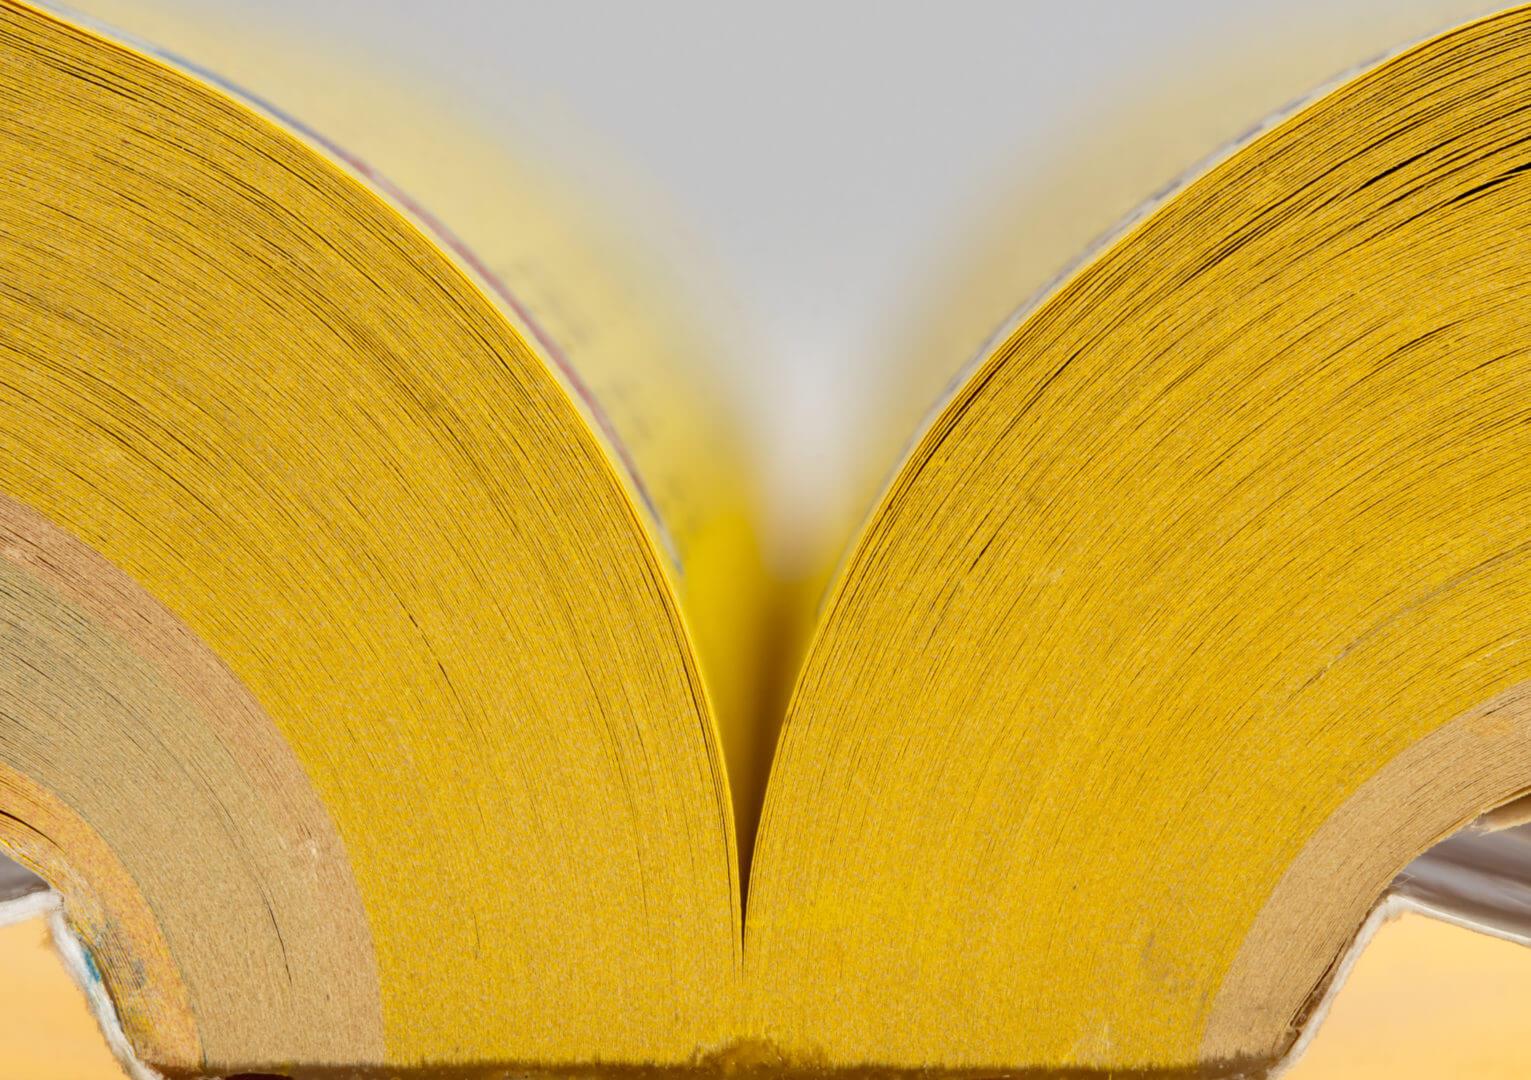 Mejores prácticas posteriores a la paloma: cómo optimizar para directorios y páginas amarillas de Internet